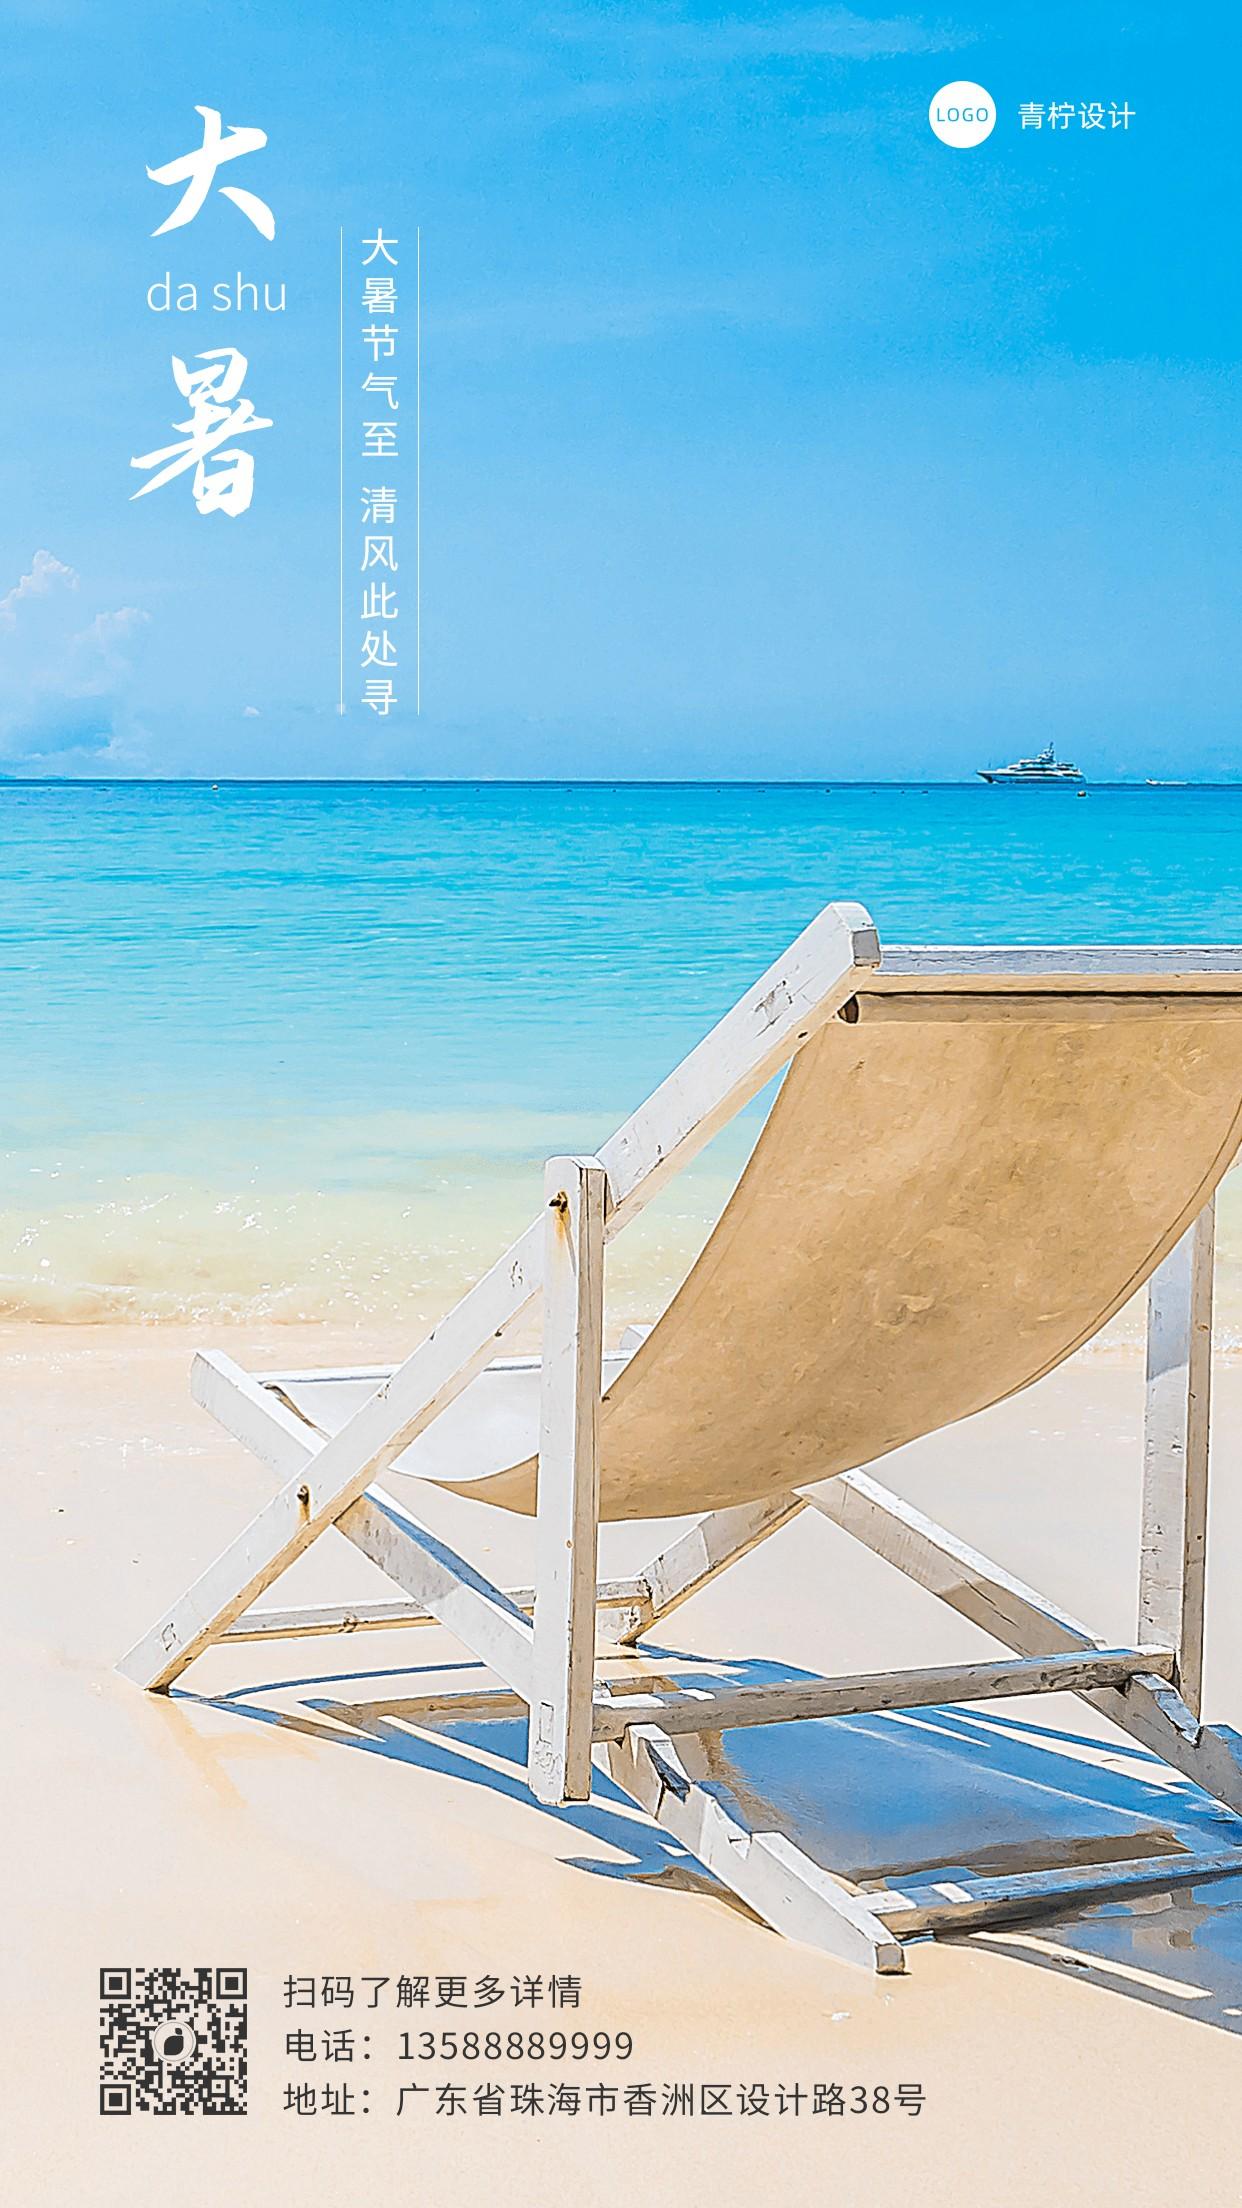 简约旅游出行大暑手机海报